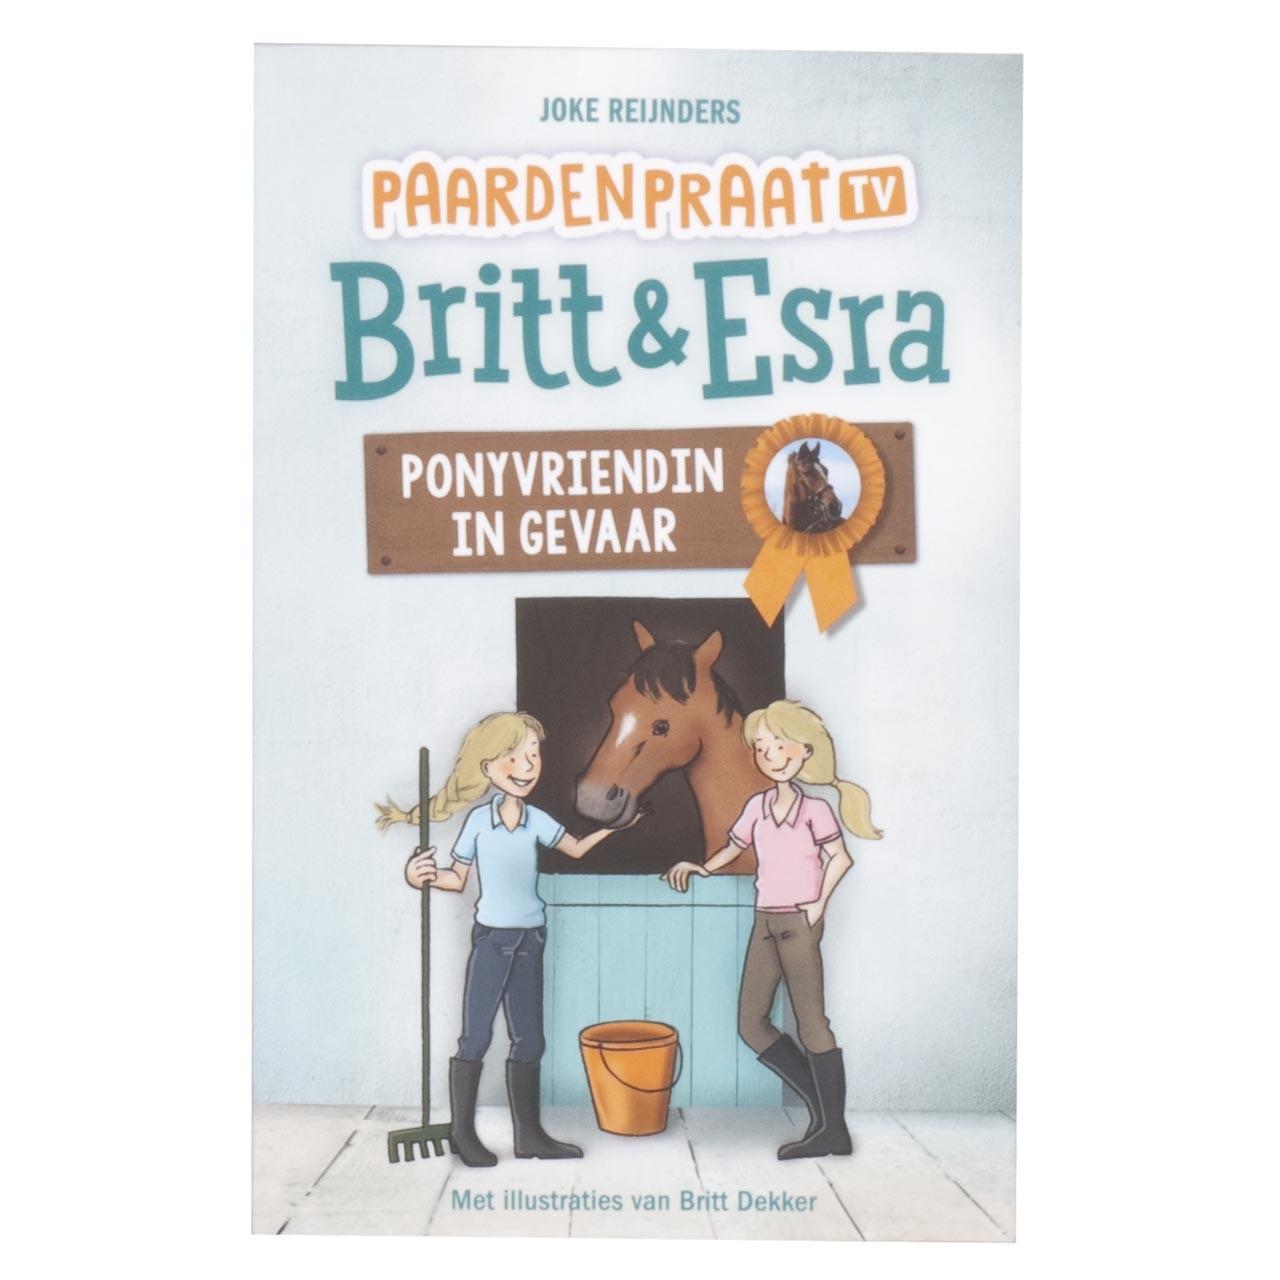 Britt & Esra Ponyvriendin in gevaar